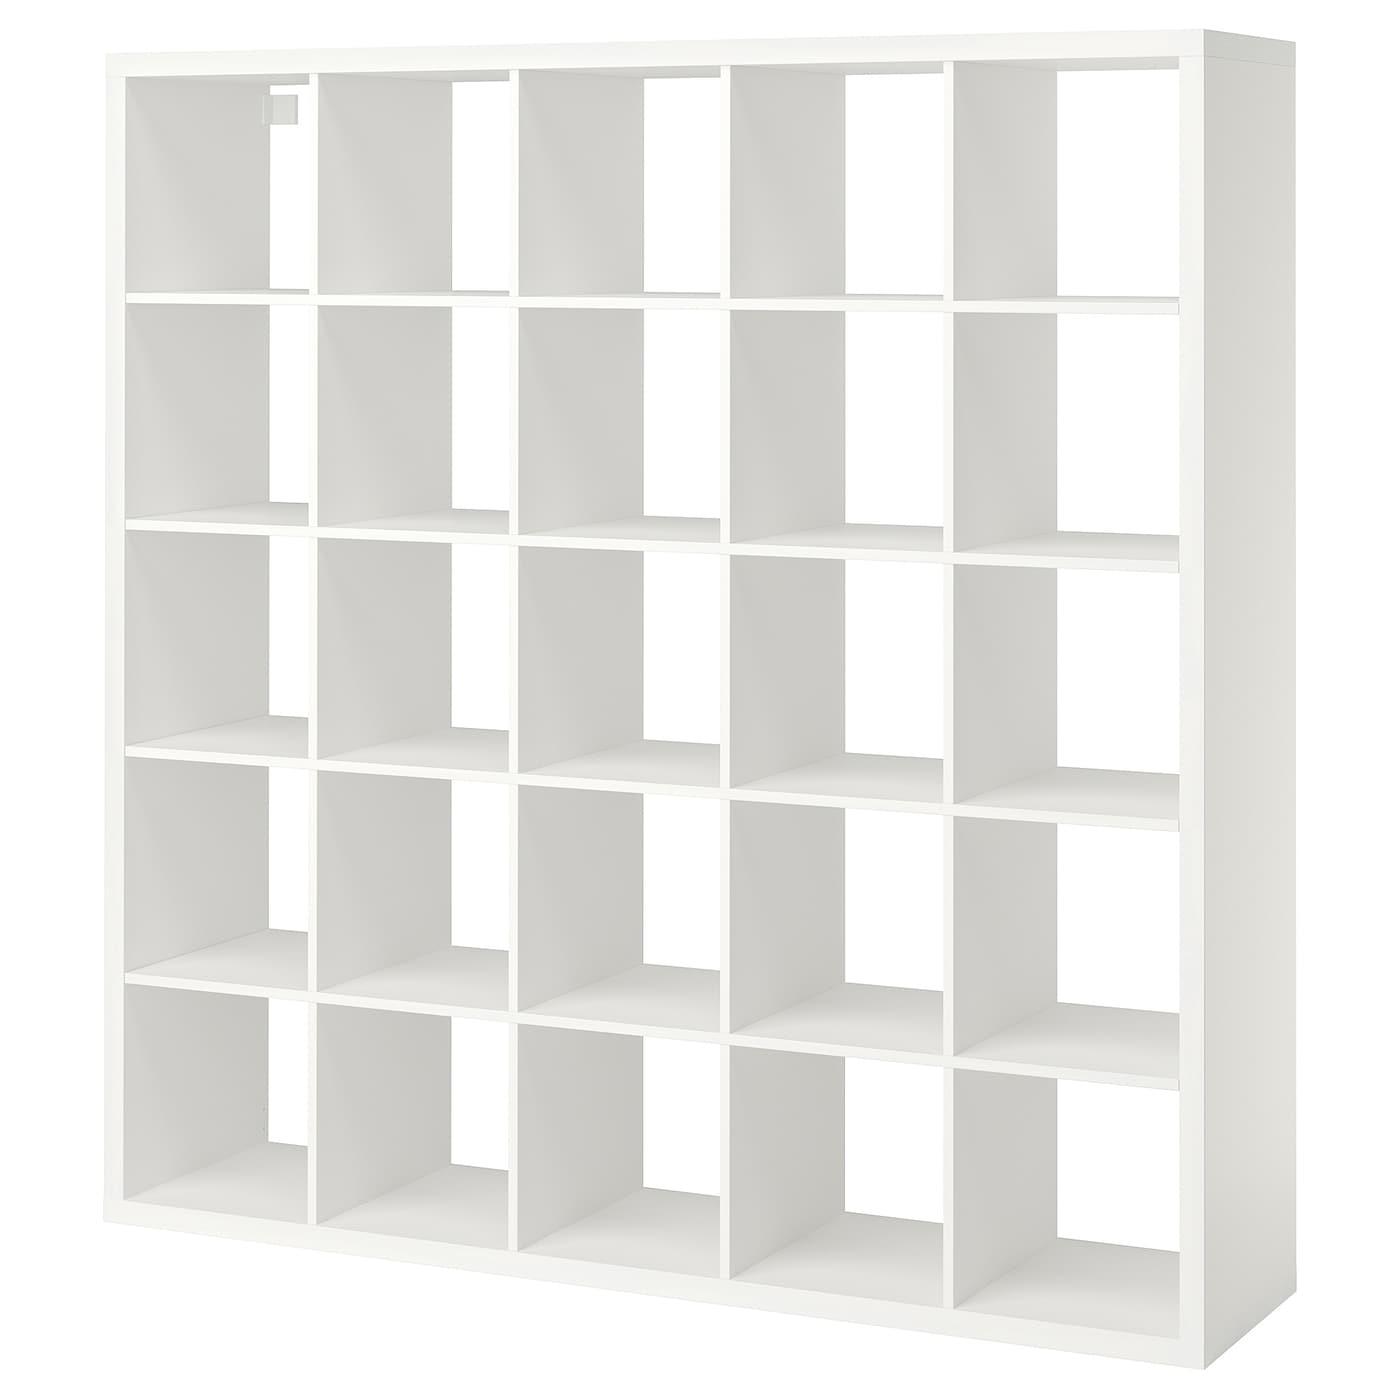 kallax Étagère blanc 182 x 182 cm - ikea